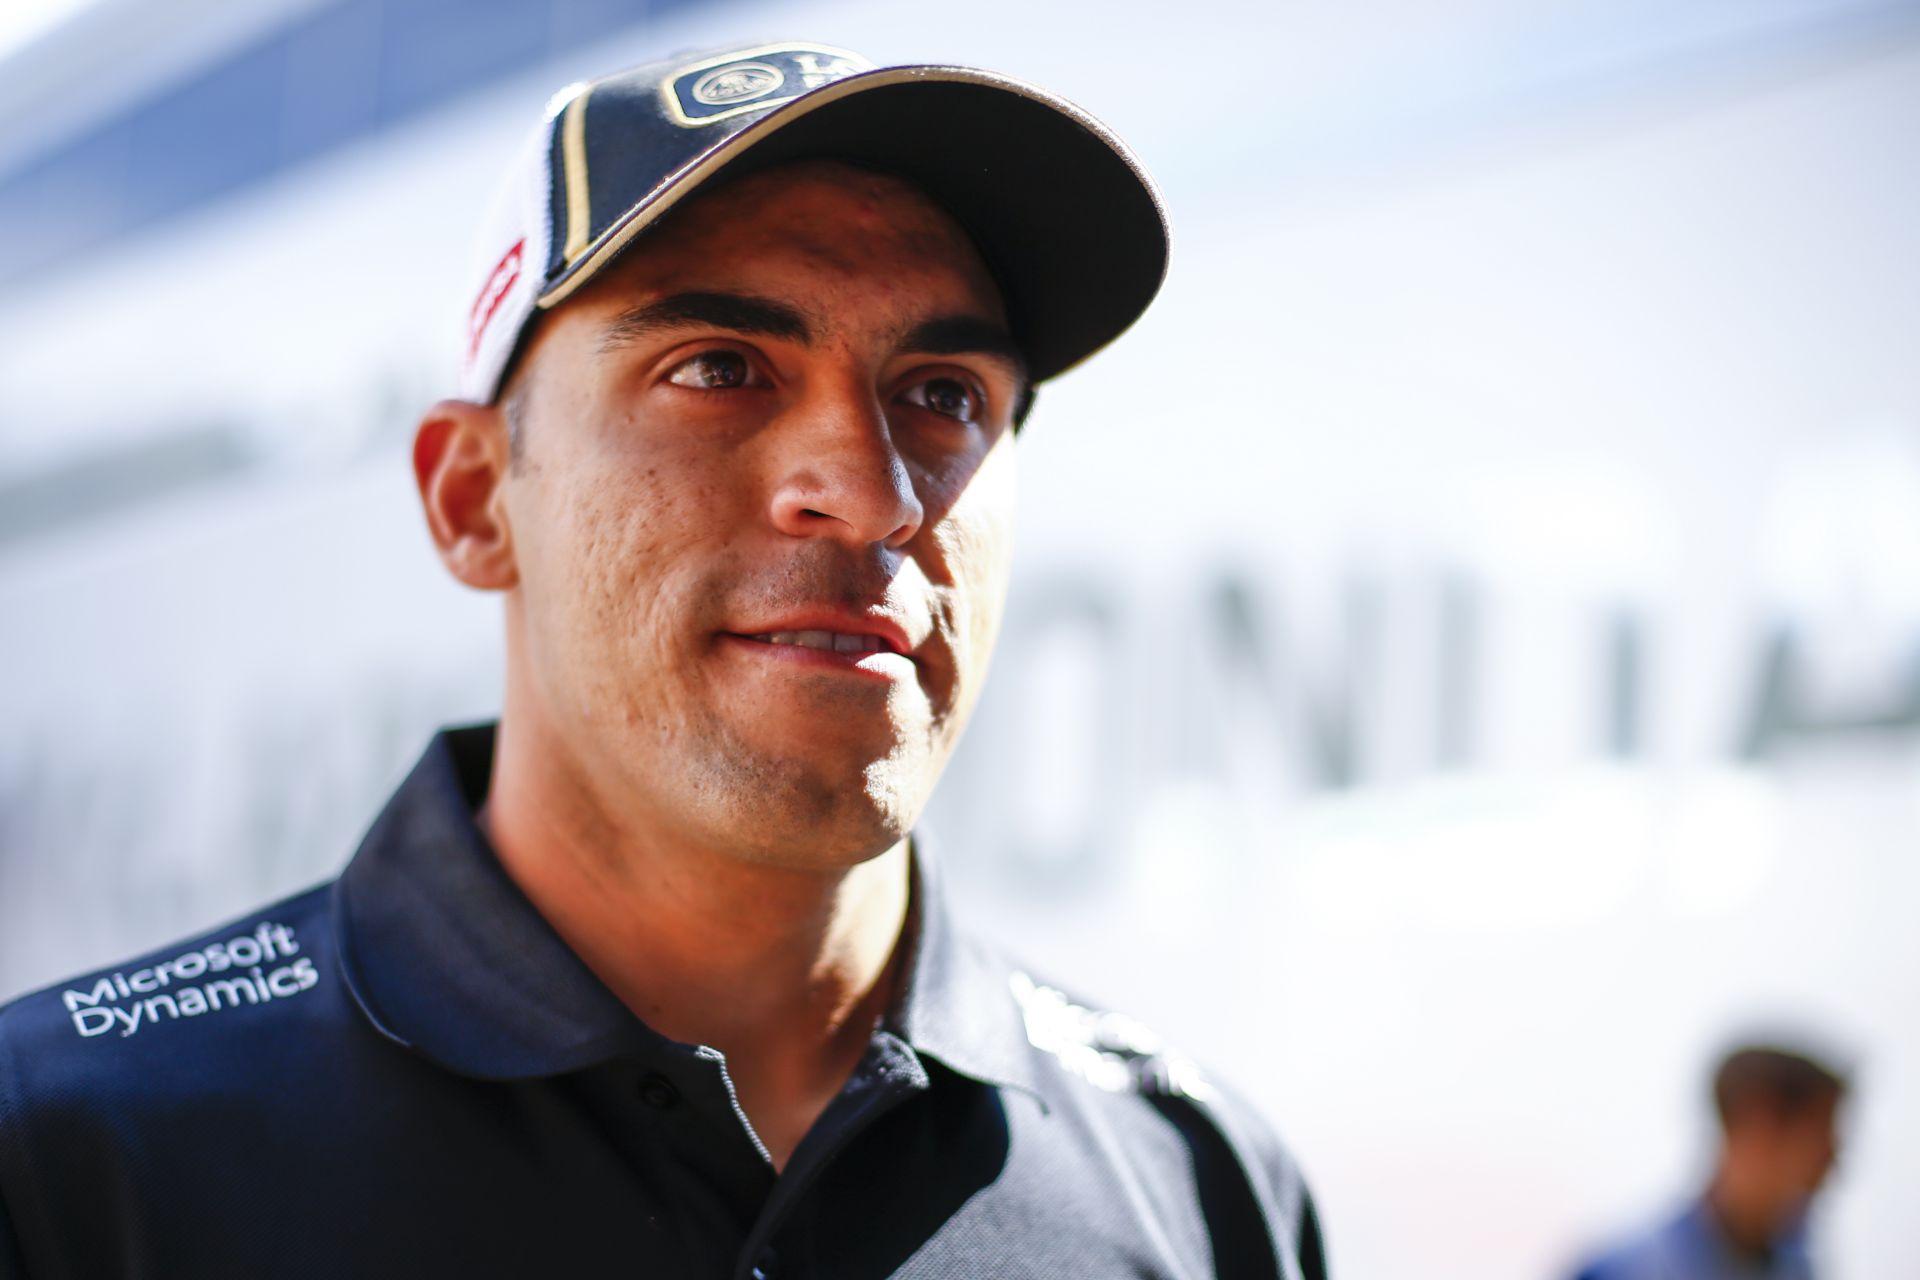 """Ha Maldonado távozik a Forma-1-ből, akkor sem maradunk """"bajkeverő"""" nélkül?!"""